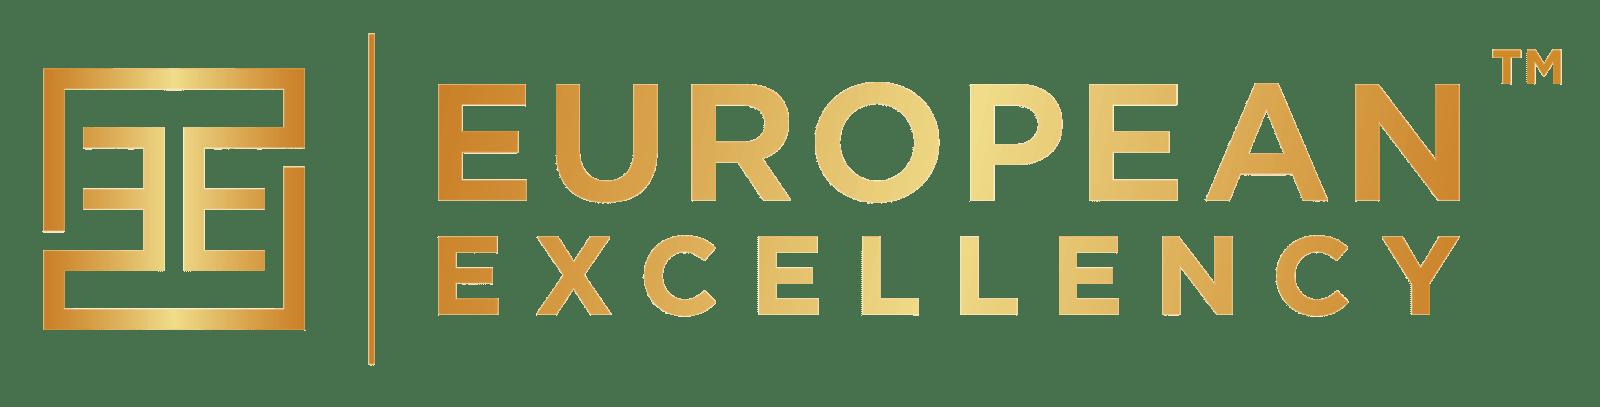 European Excellency